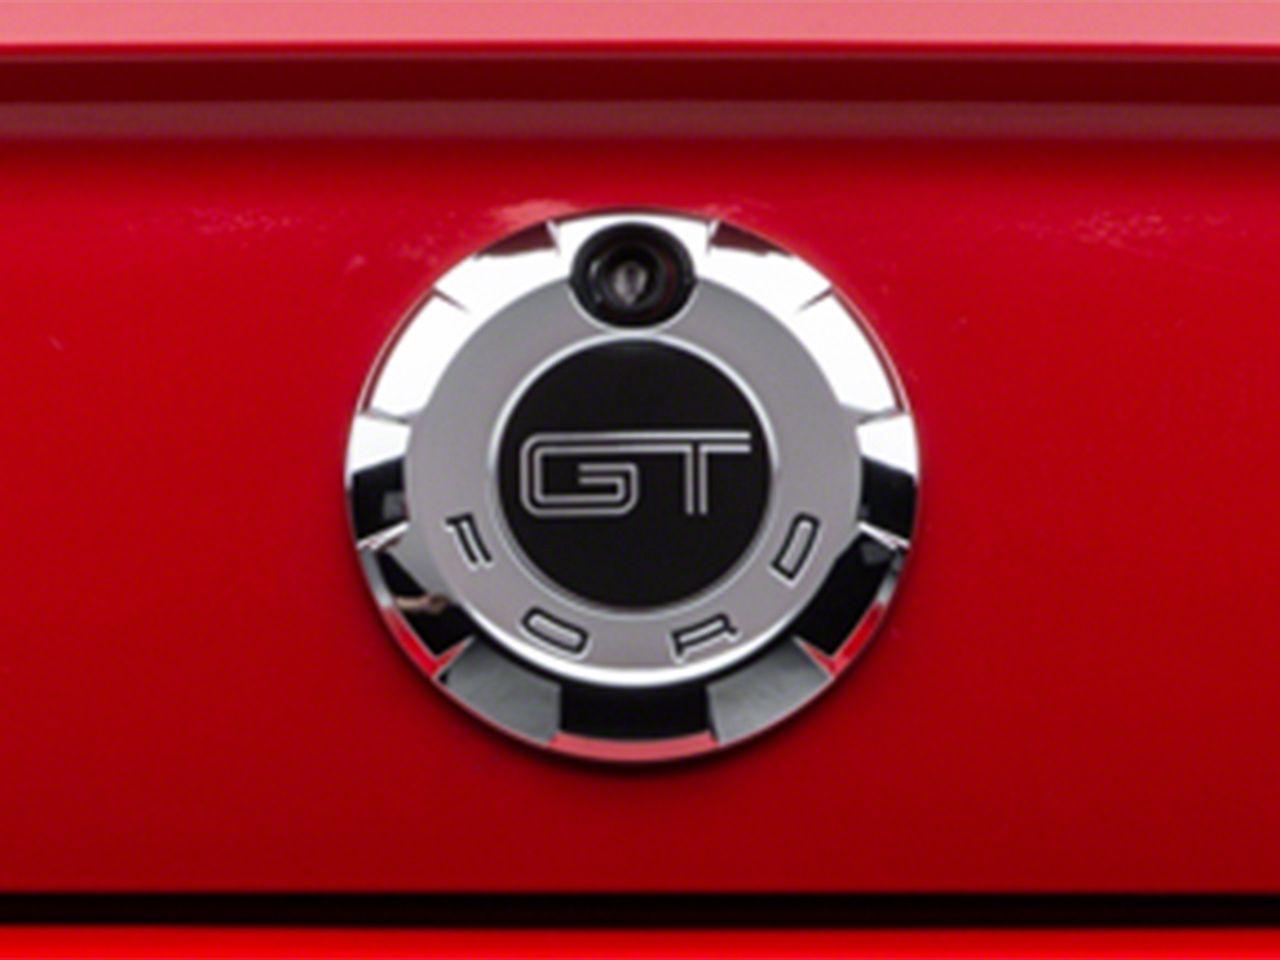 Ford Gt Rear Decklid Emblem   All